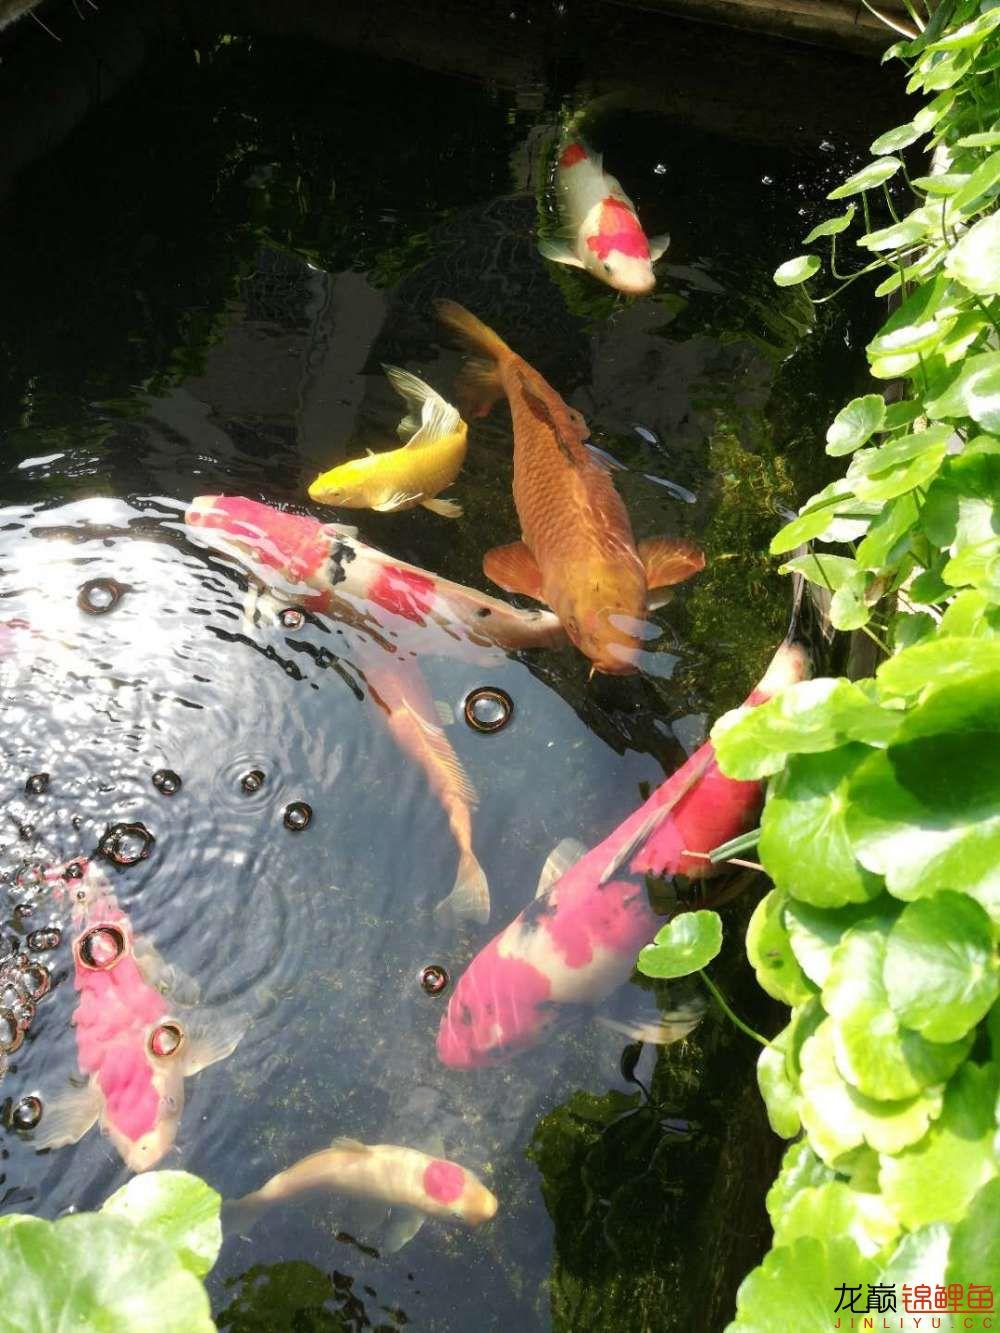 北京哪个水族店有白子关刀鱼天气转暖刚剪几天的草又开始猛长了 北京观赏鱼 北京龙鱼第15张